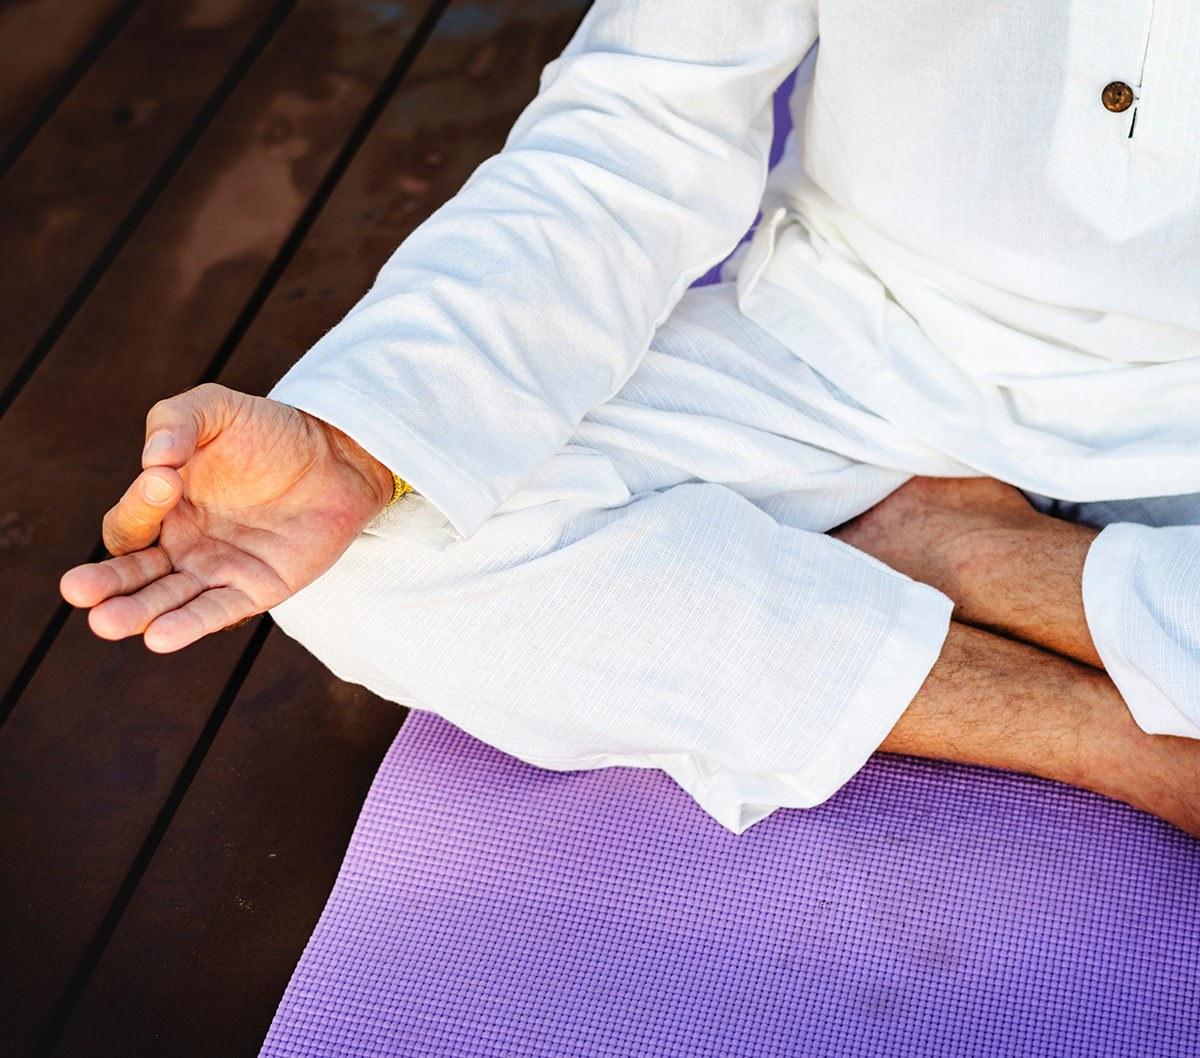 Meditationbuildinghabitsblog